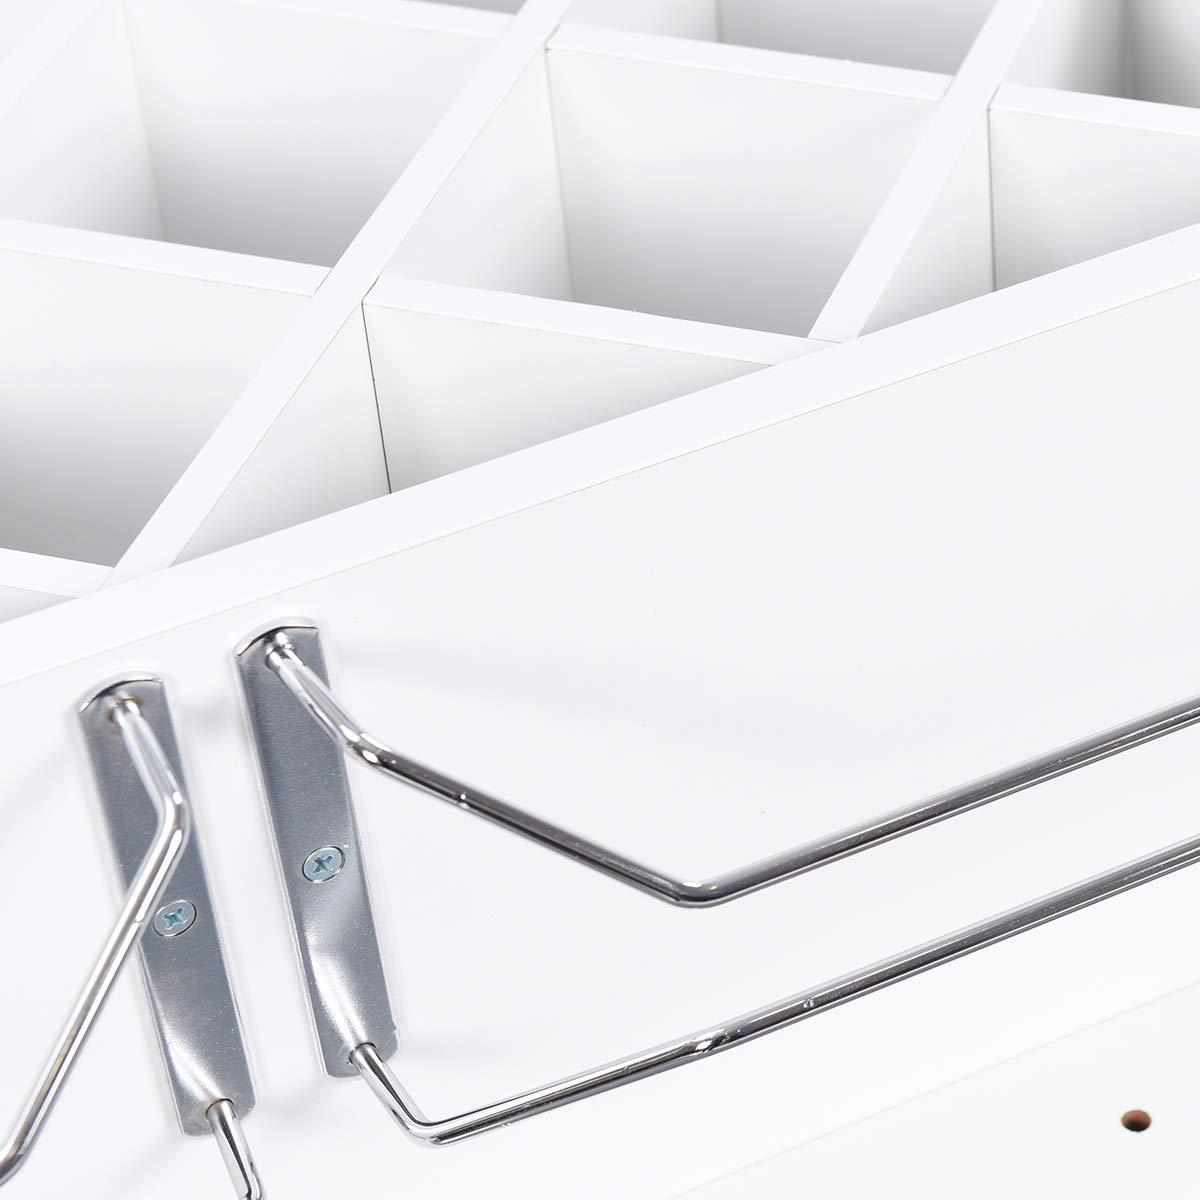 estrattori Wasserabzieher Duschkabinenabzieher con Un Labbro in Gomma 25,5 cm Grigio Sealis Doccia tergicristallo plastica